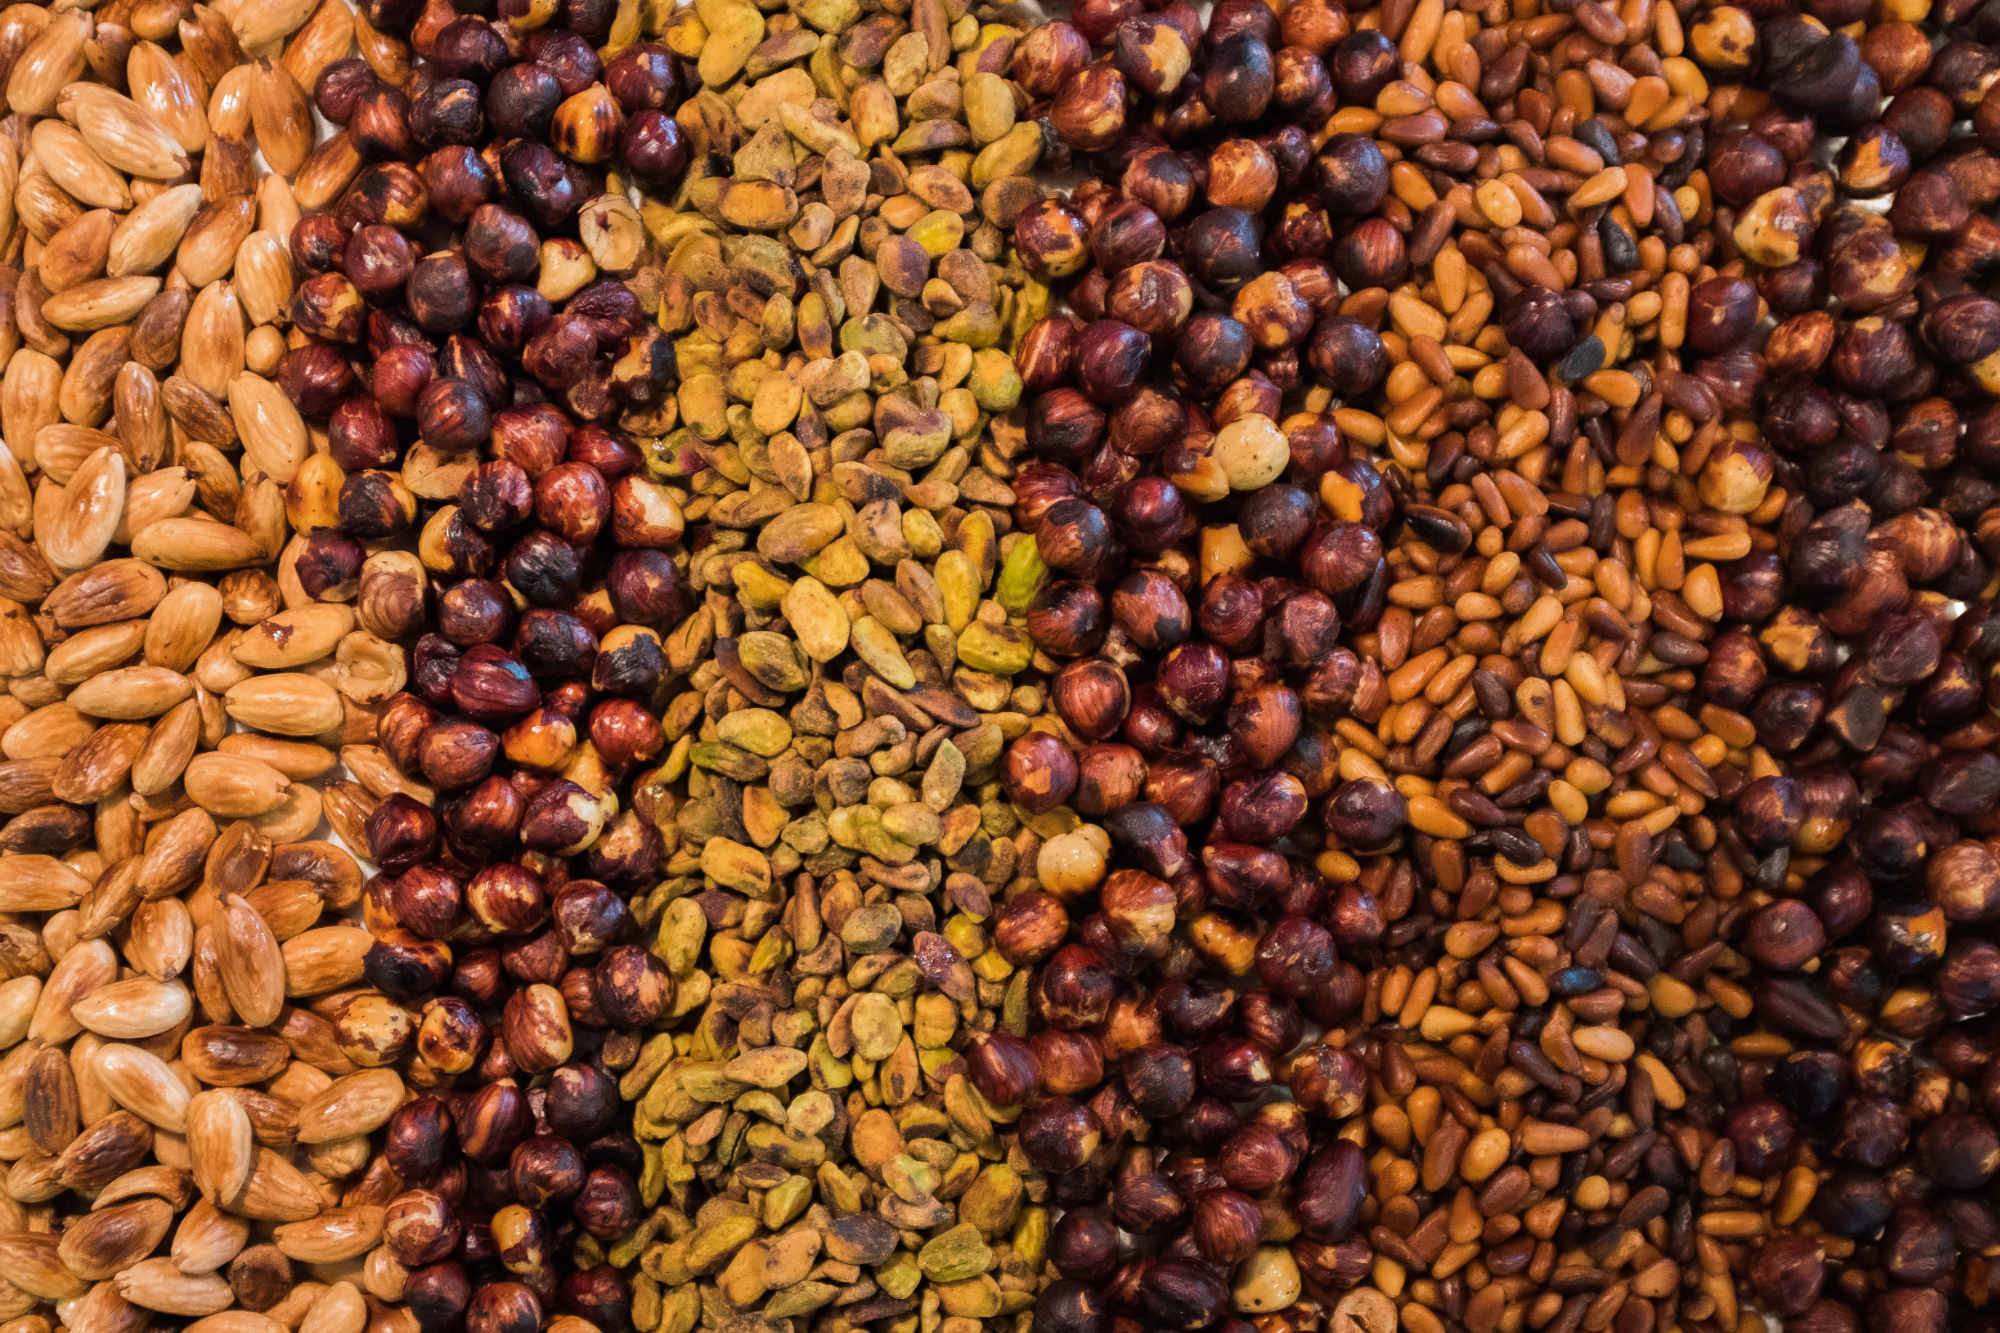 La consommation de noix réduit le risque de crise cardiaque et d'AVC